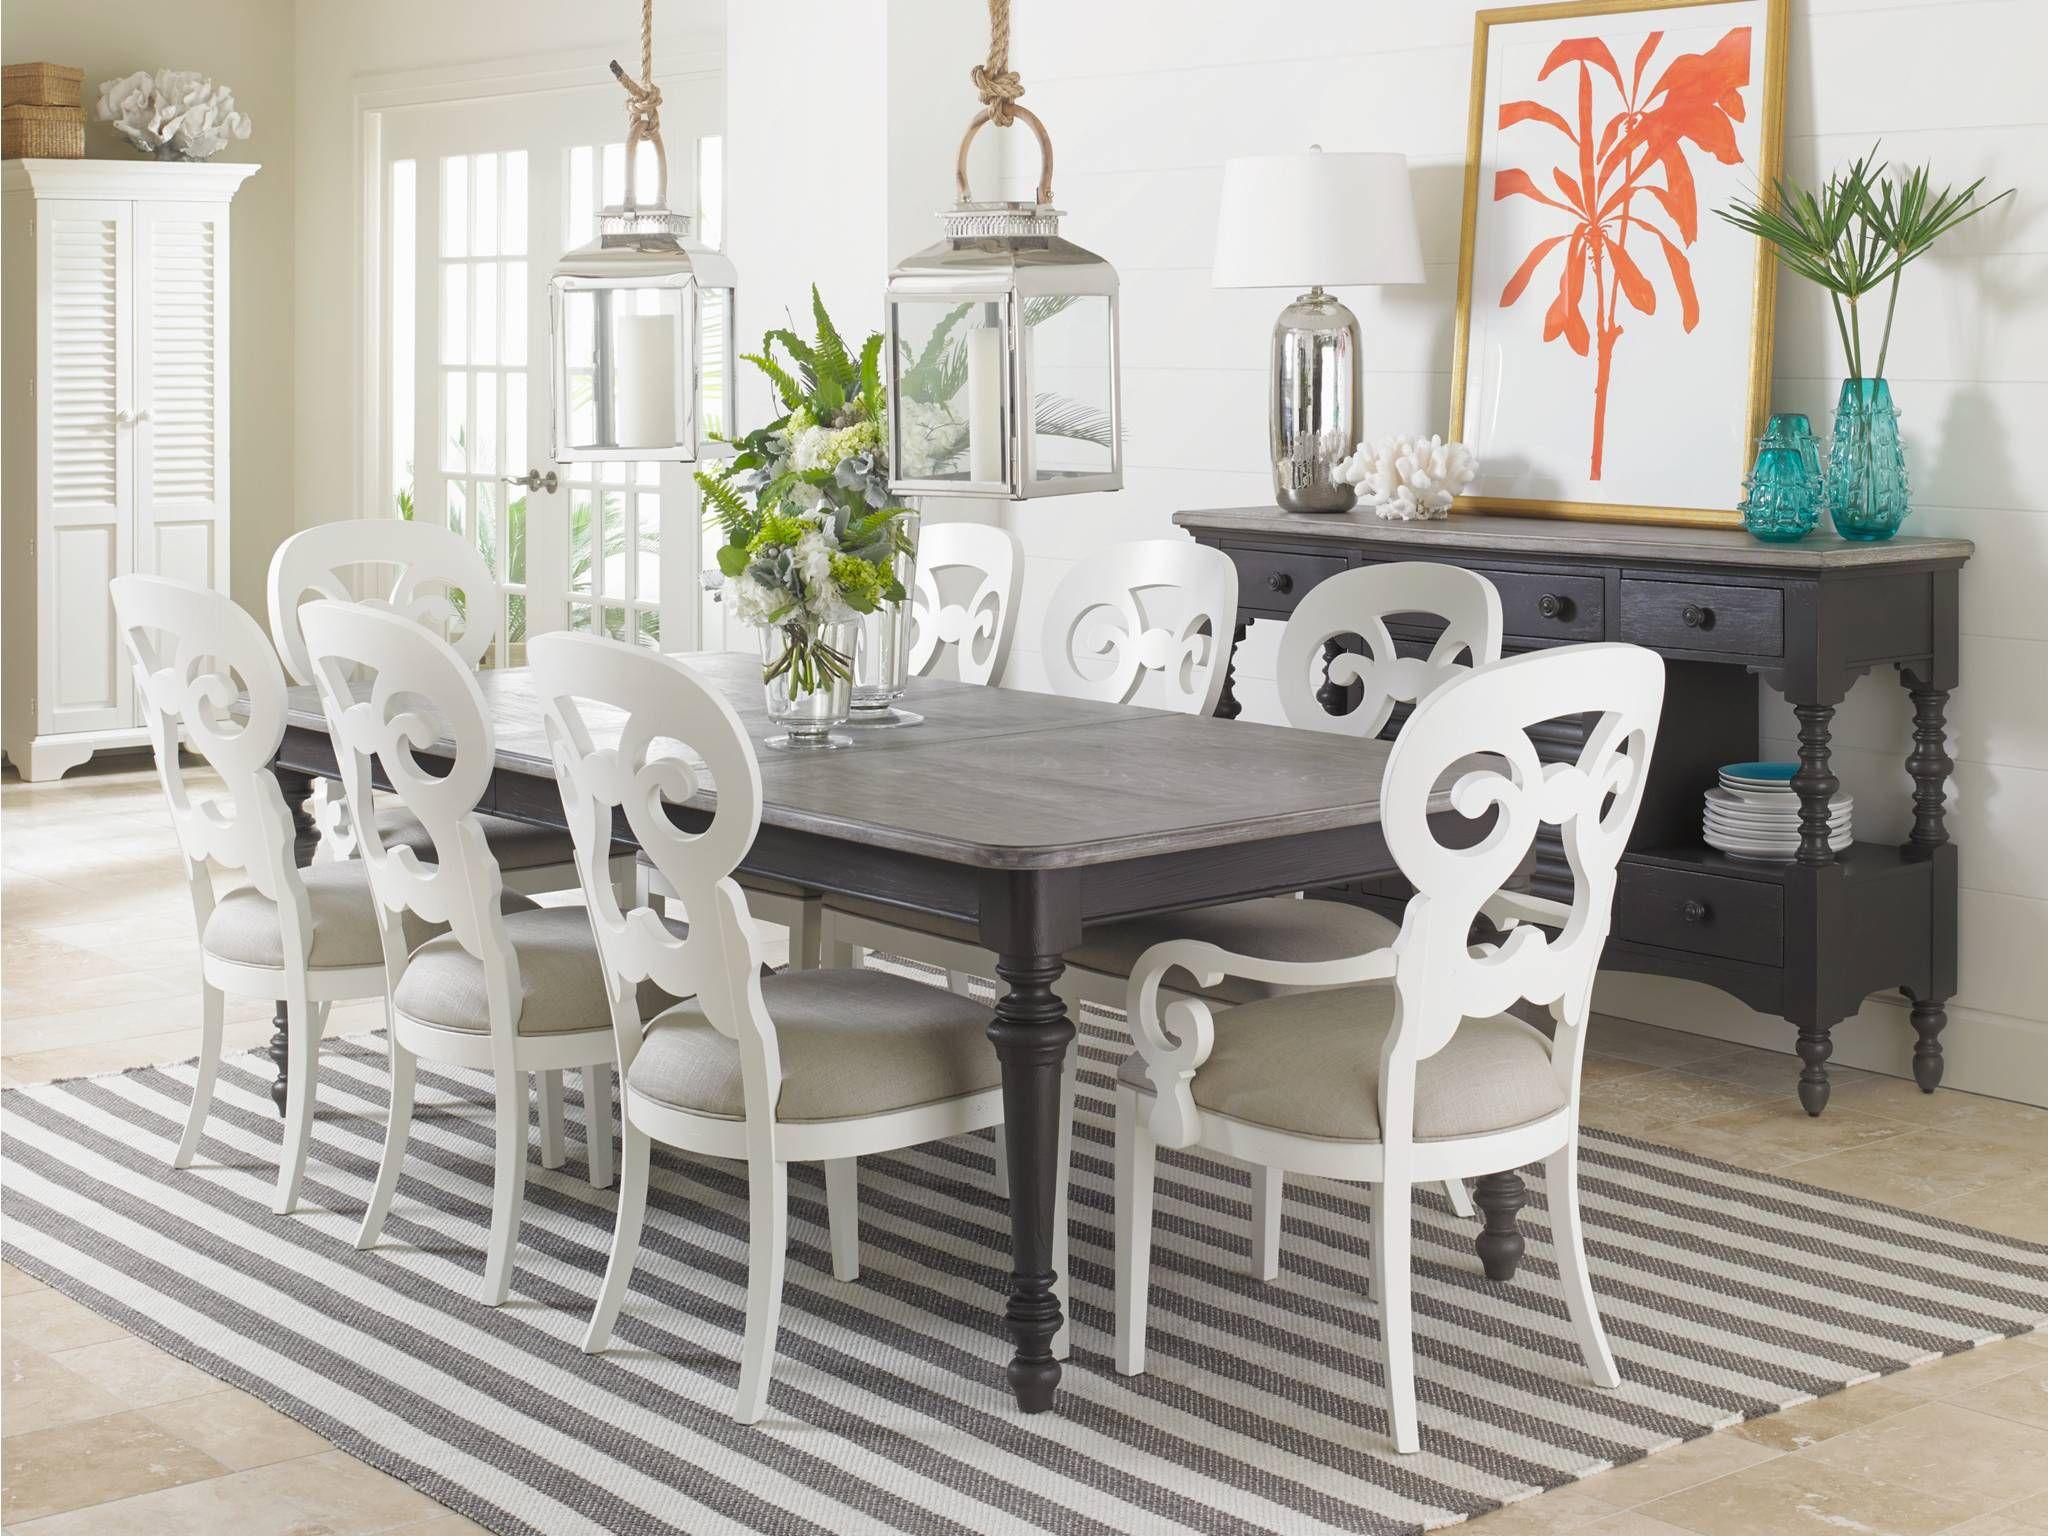 Unique Rs Natural Stanley Furniture Coastal Living Resort Dining Cool Coastal Living Dining Room Furniture 2018